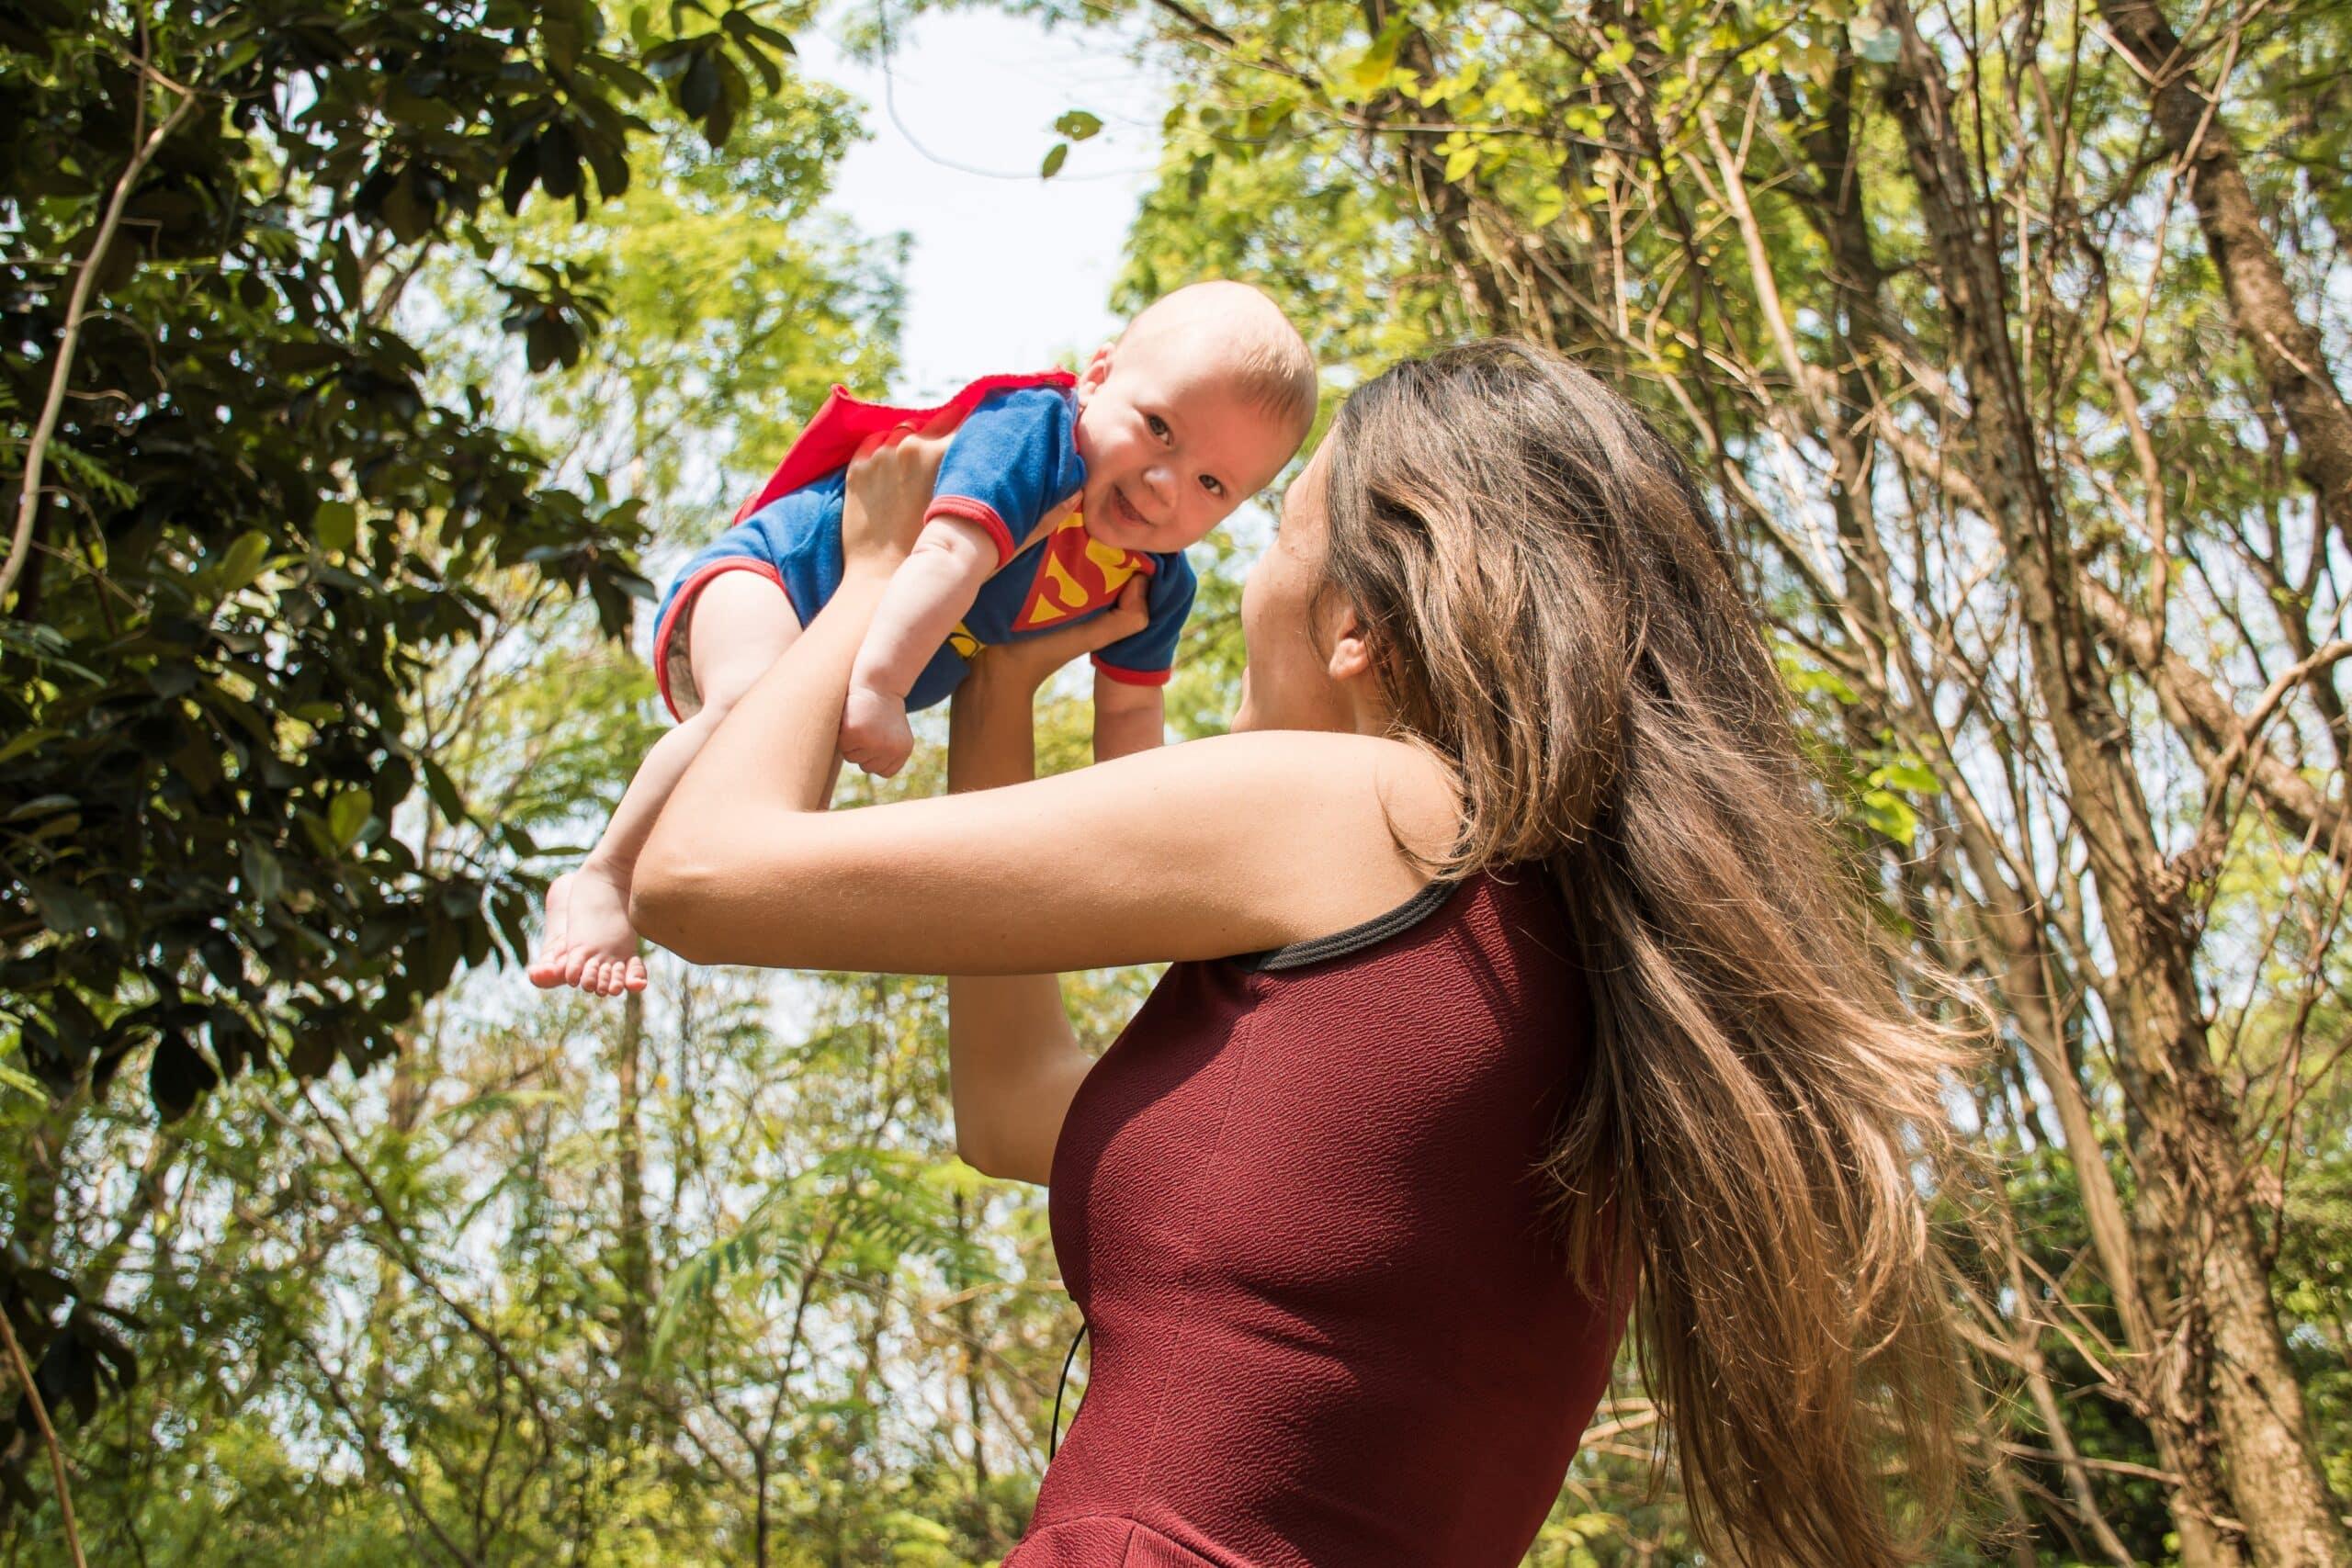 Ce trebuie să facem noi, ca părinți, să cultivăm încrederea în sine a copilului? Interviu cu Oana Vlah, psiholog și consultant certificat în somnul copiilor | Demamici.ro